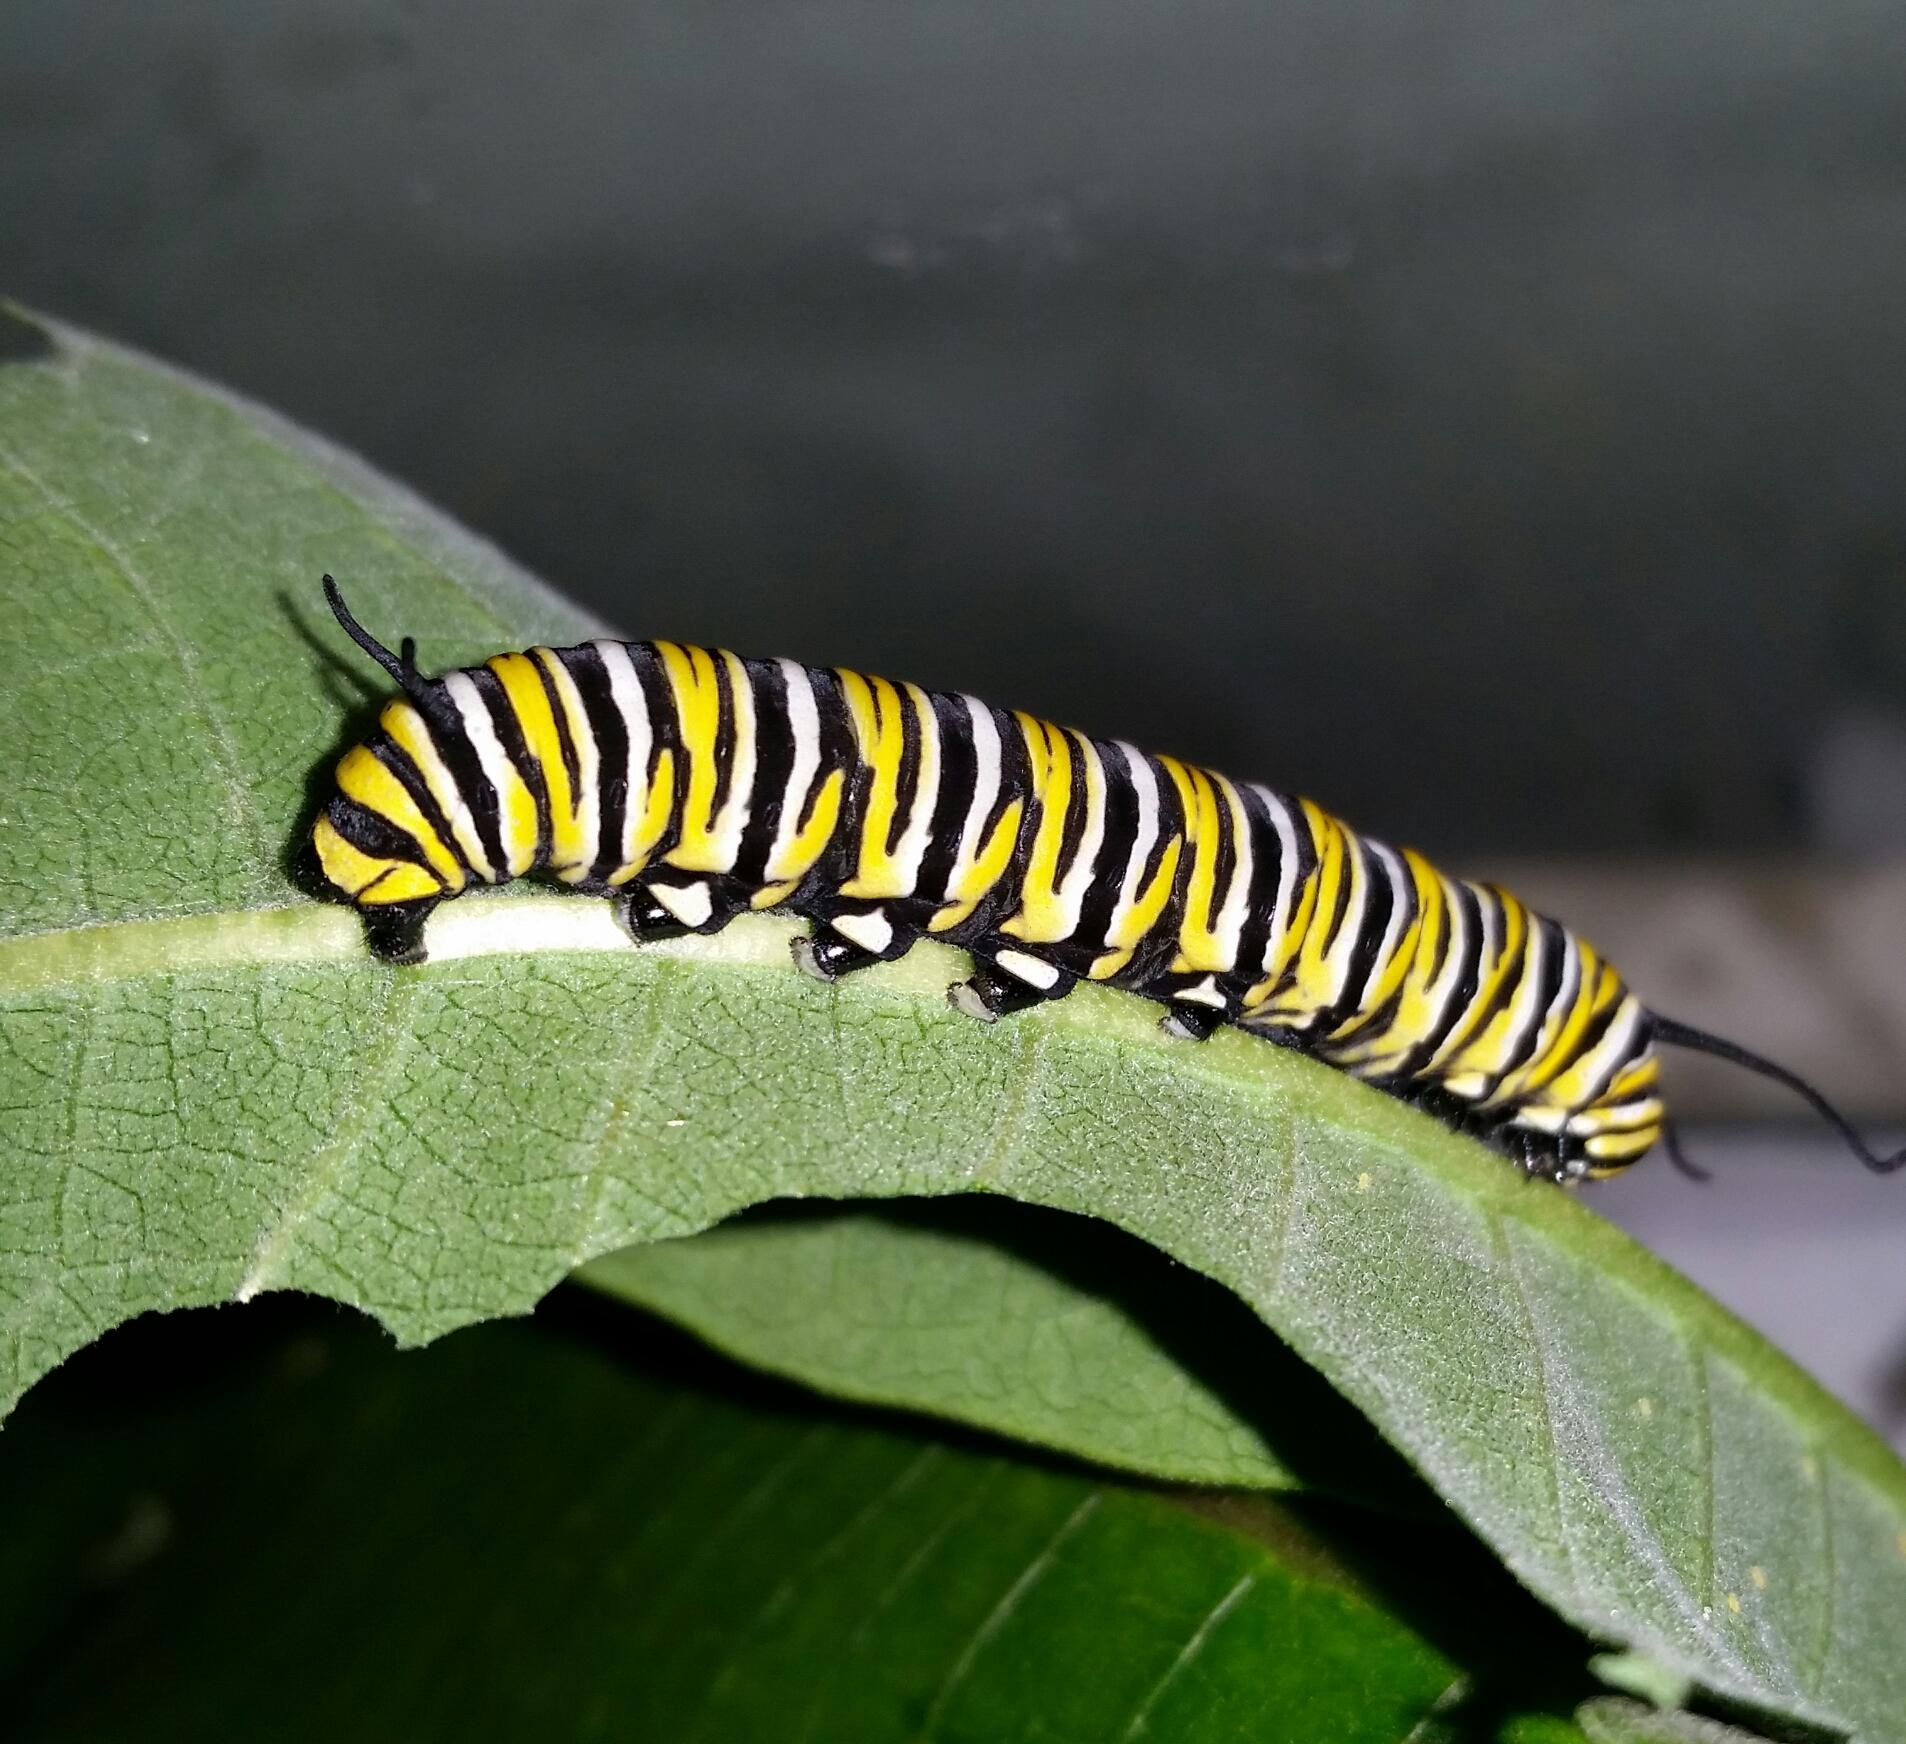 Caterpillar Eating